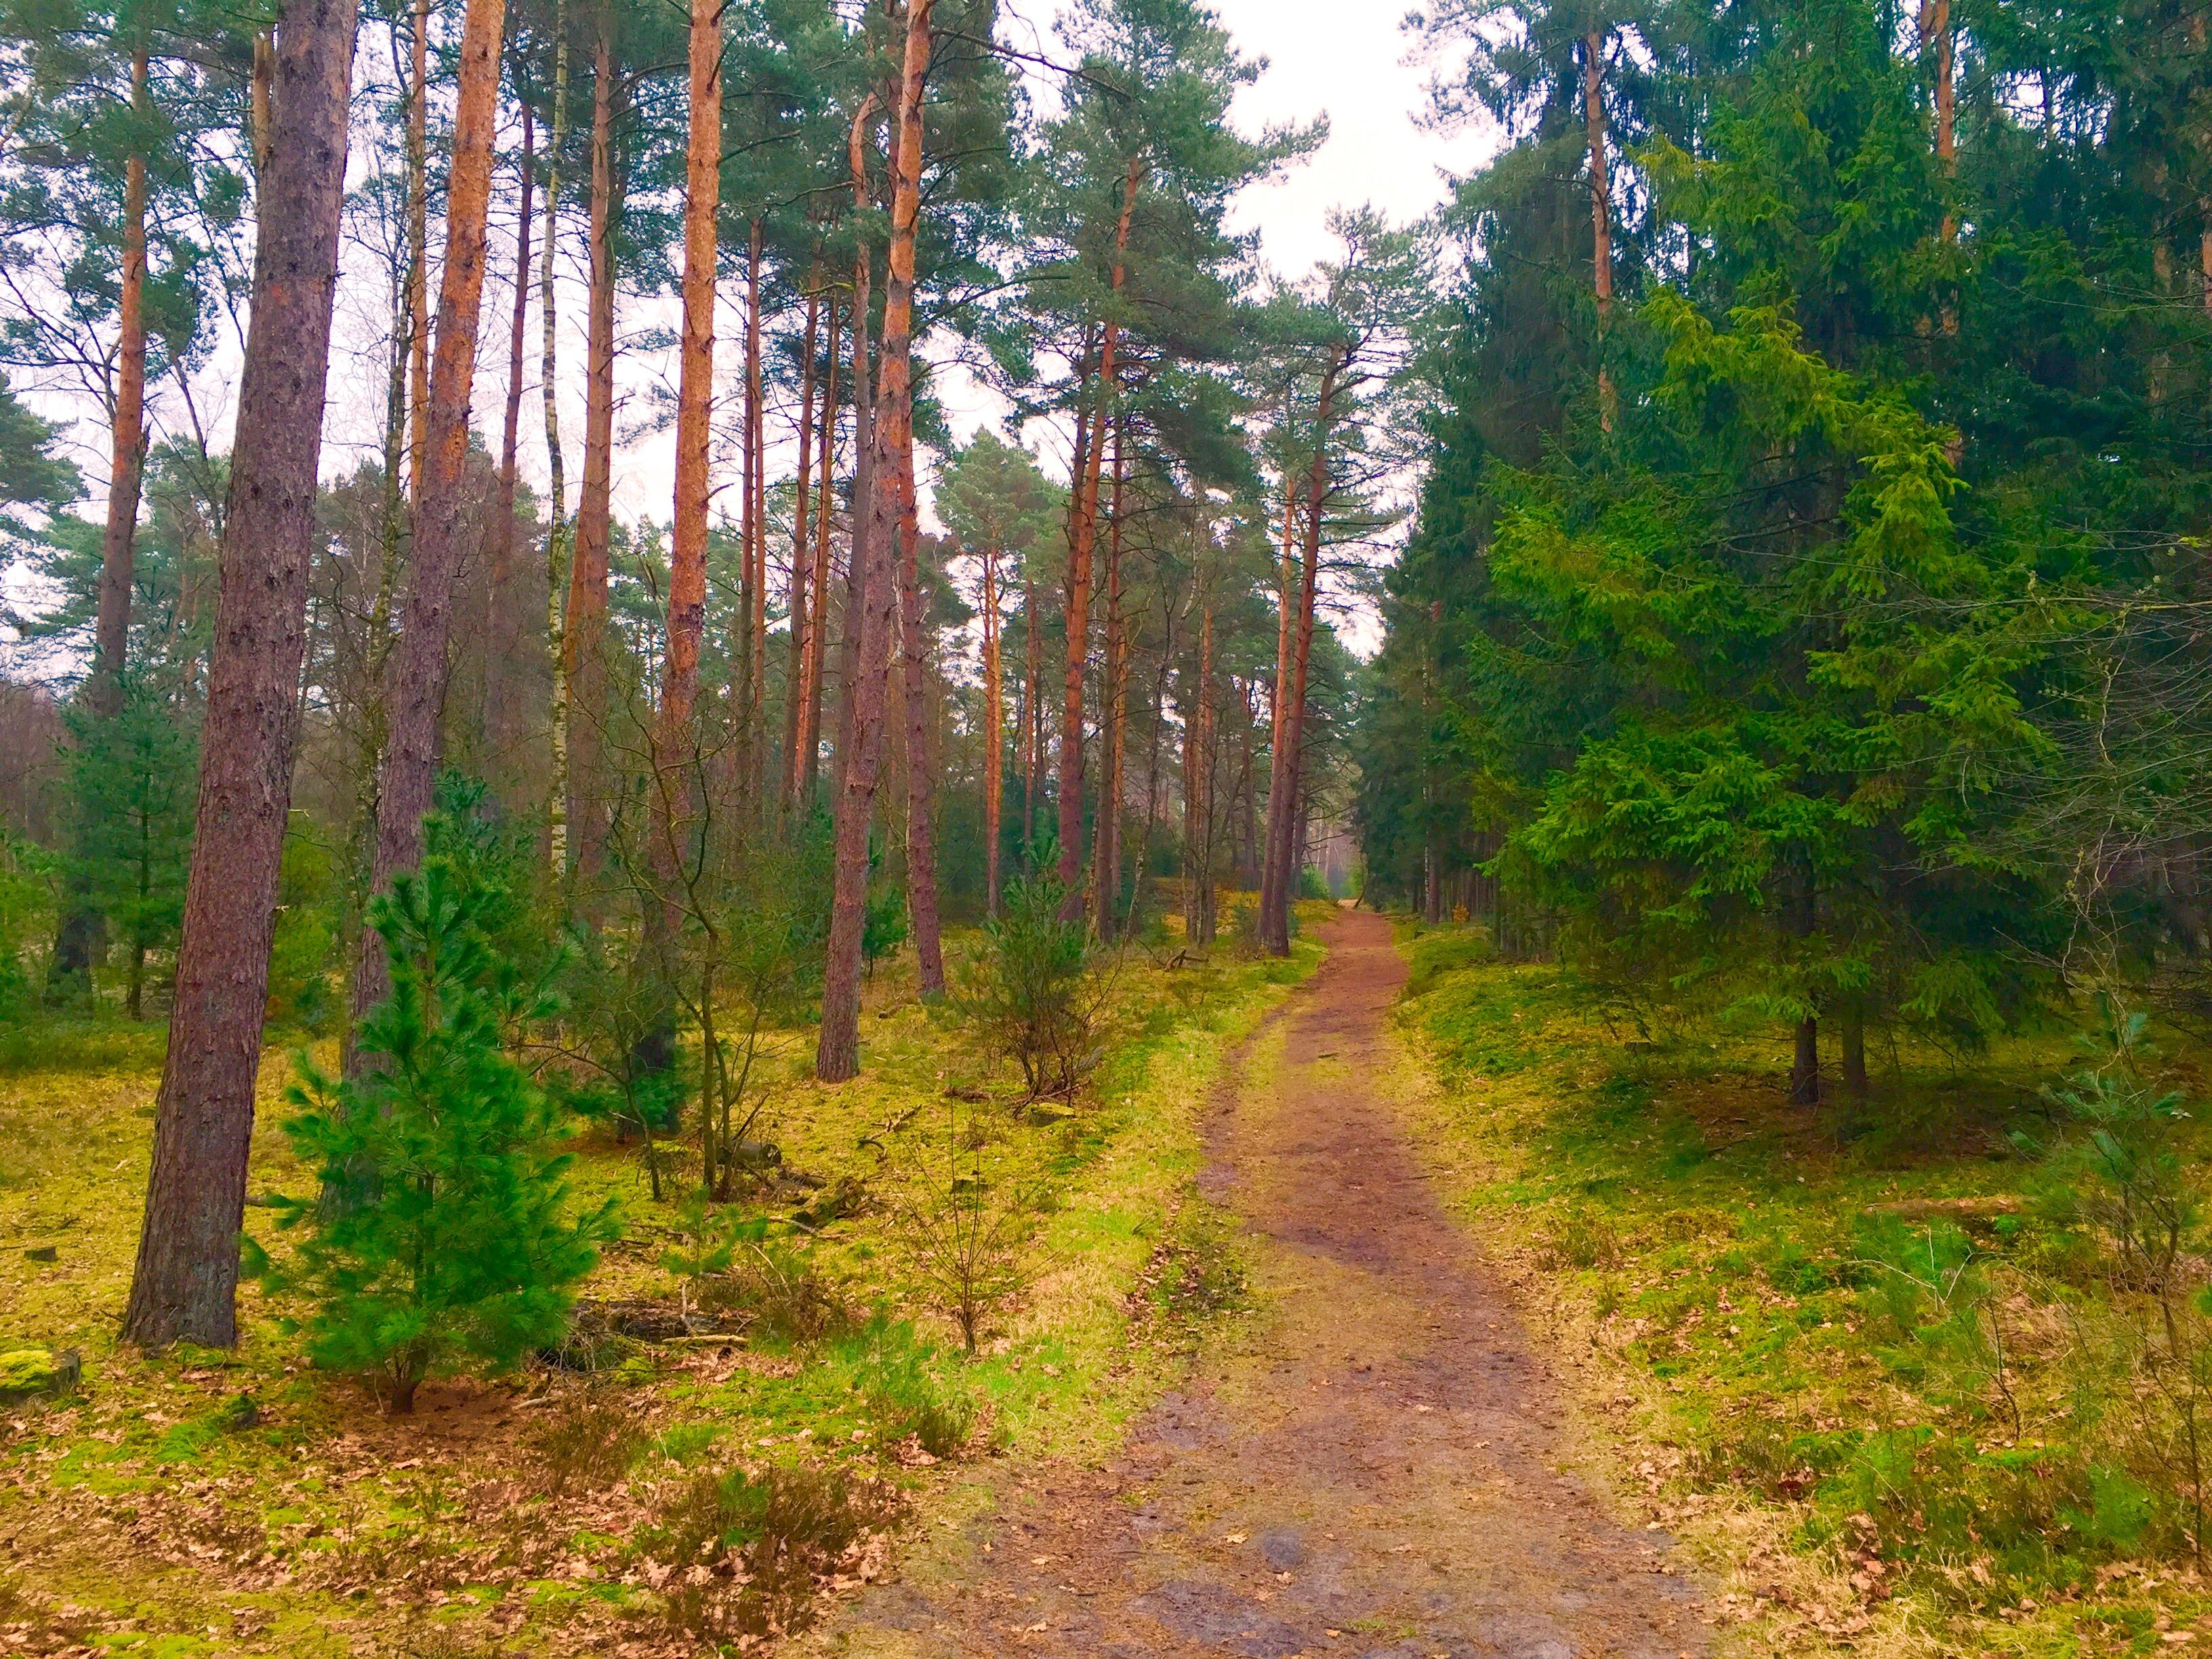 Camping in Lippstadt - Wald und Wiesen